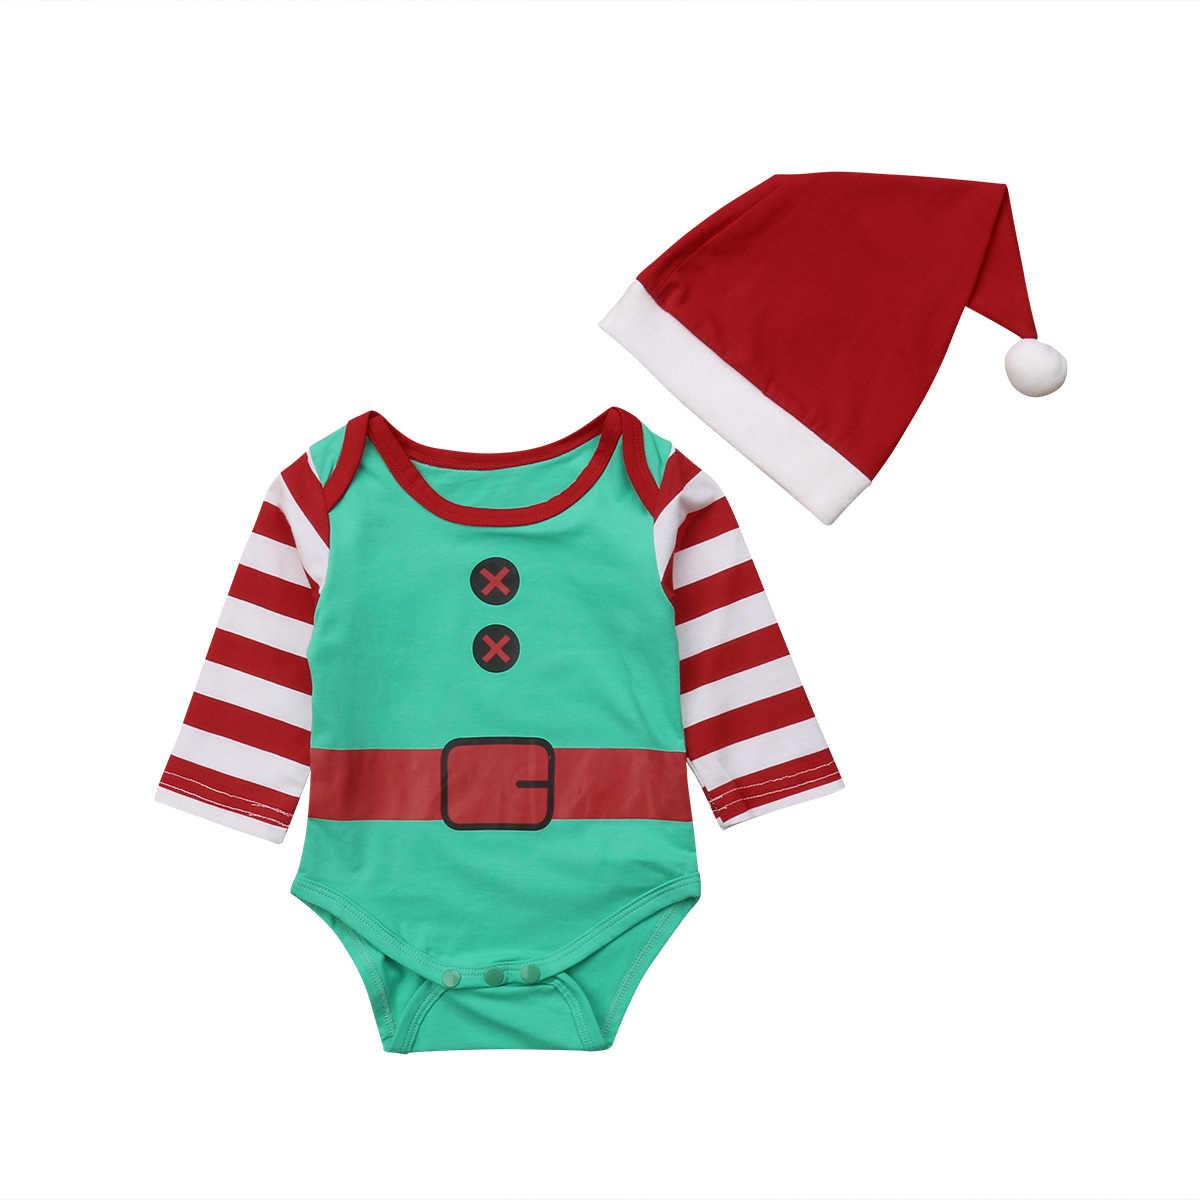 Рождественские боди для маленьких мальчиков и девочек с Санта-Клаусом, комбинезон в полоску для малышей + шапки, комплект из 2 предметов, милый костюм для младенцев, одежда